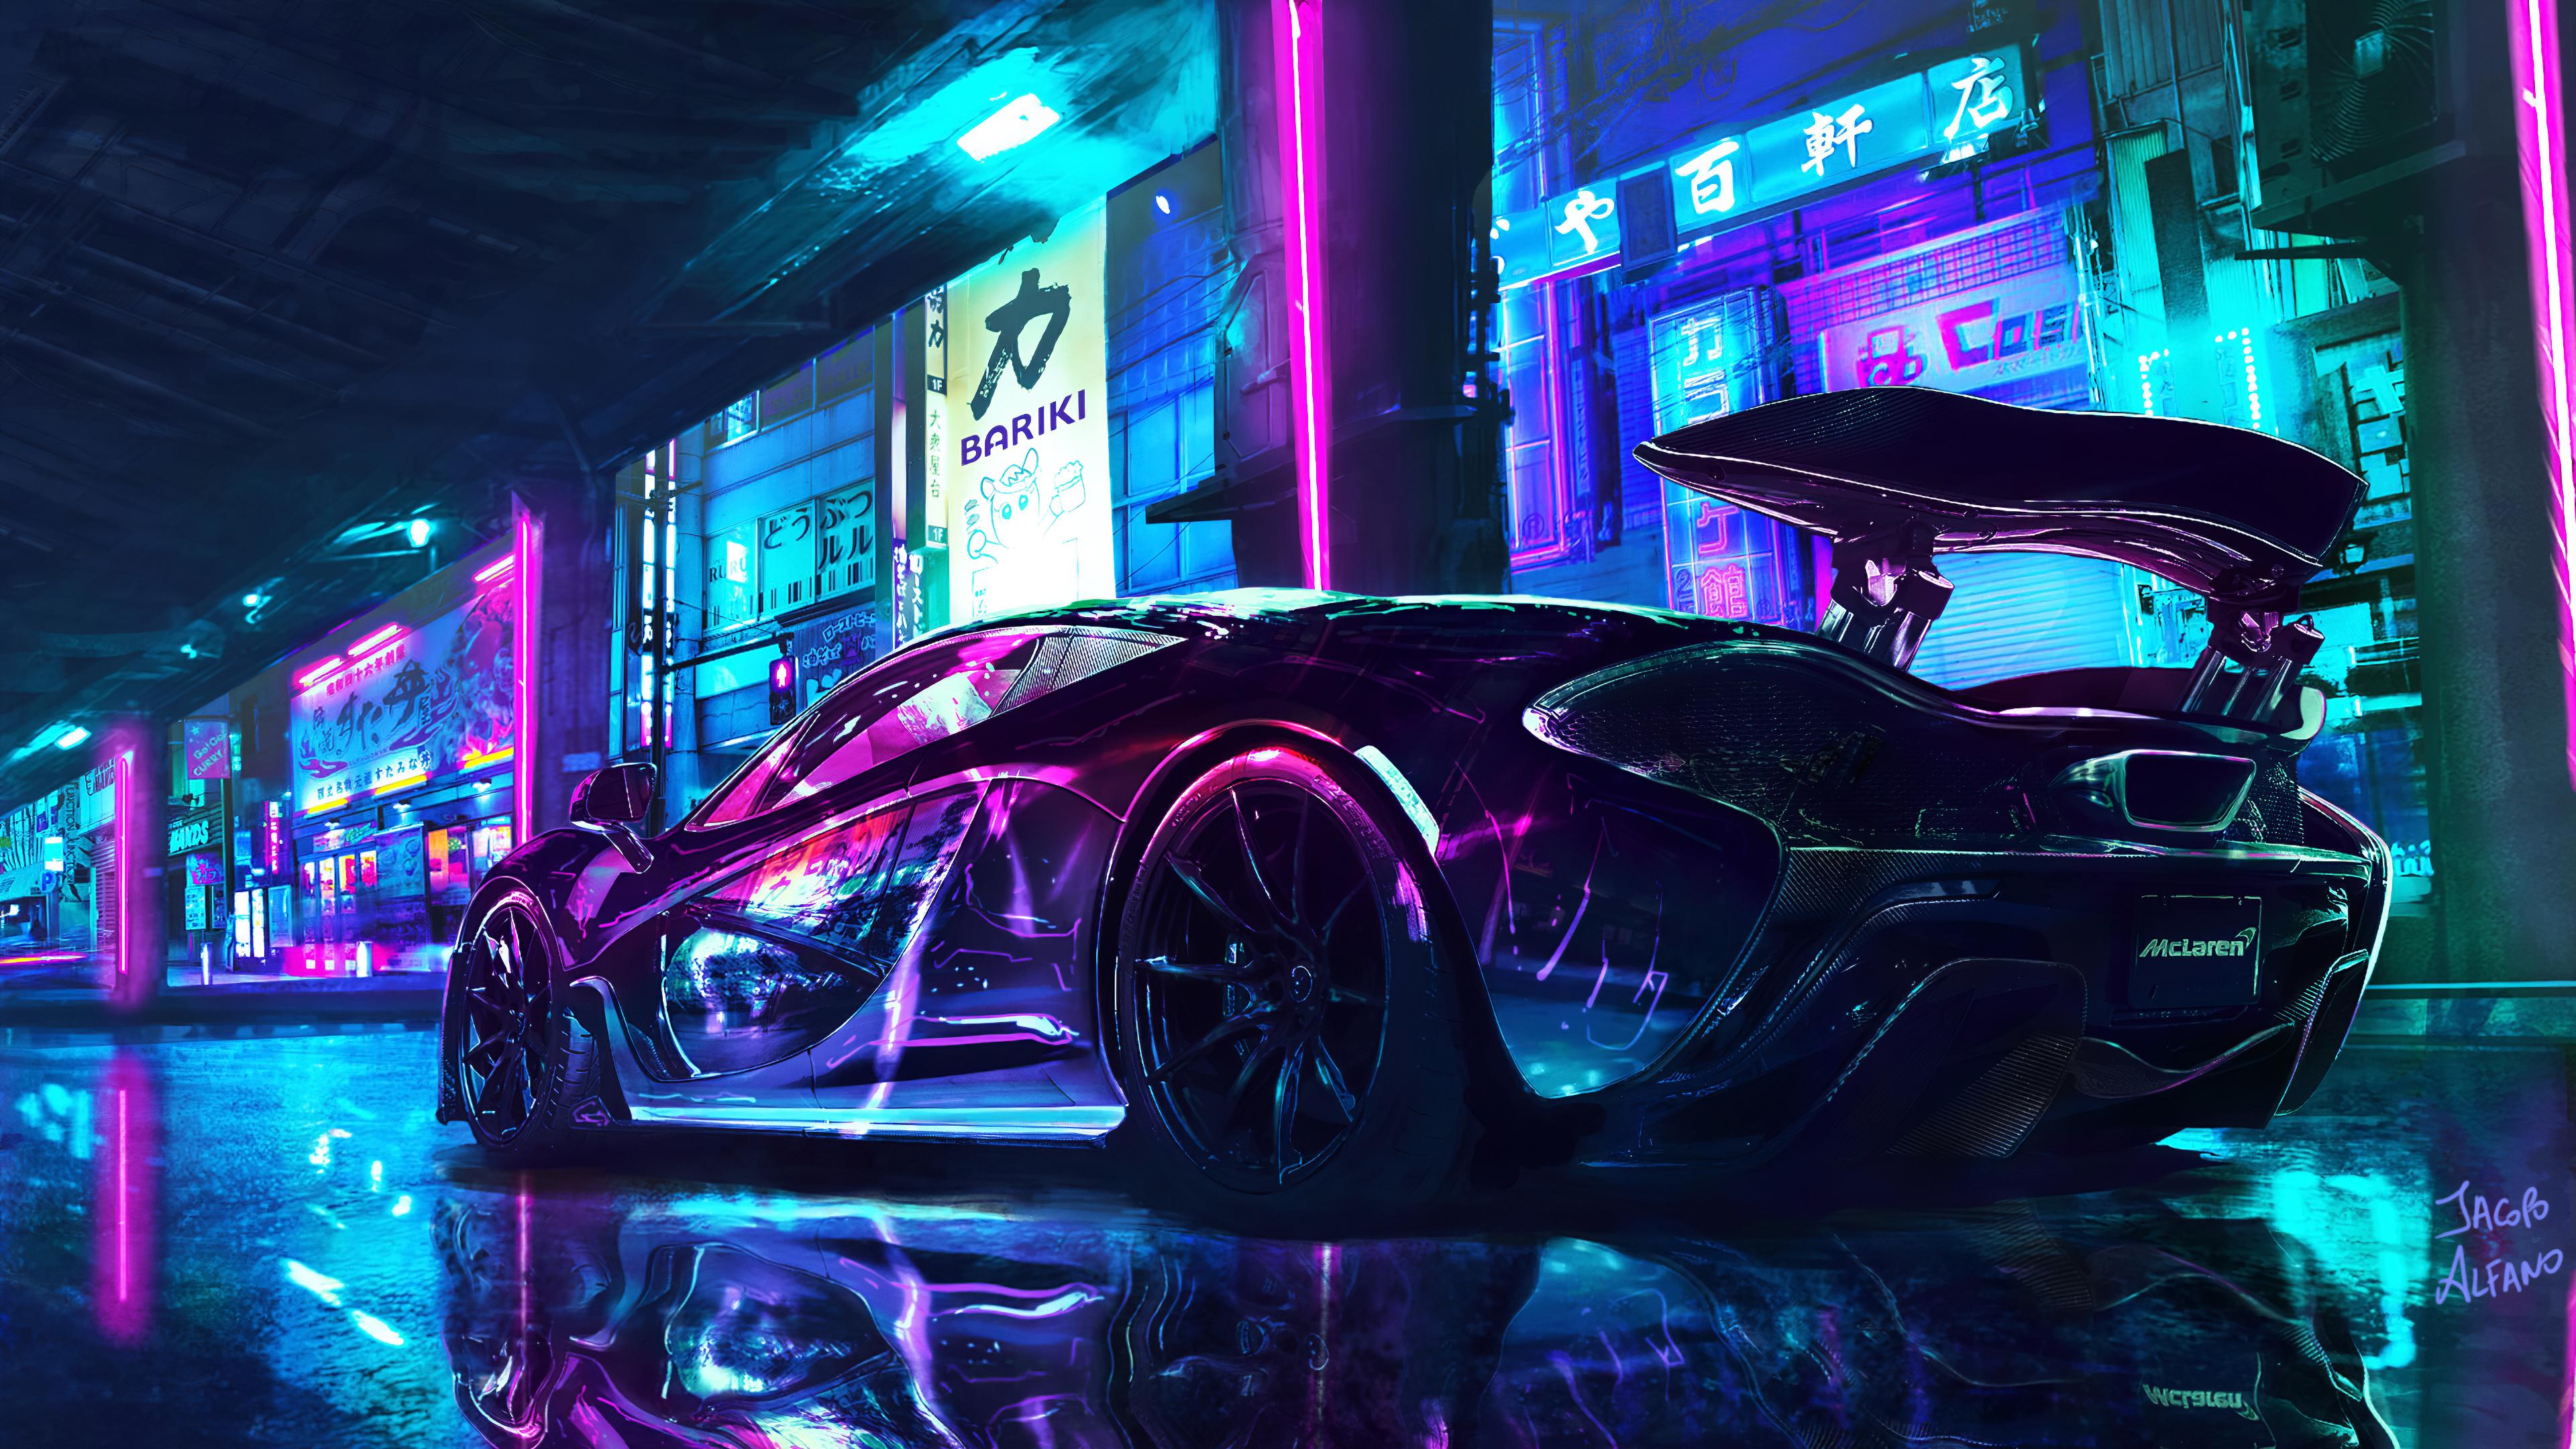 Cyberpunk 4k Wallpaper Mclaren Supercars Neon Art Cars 1003